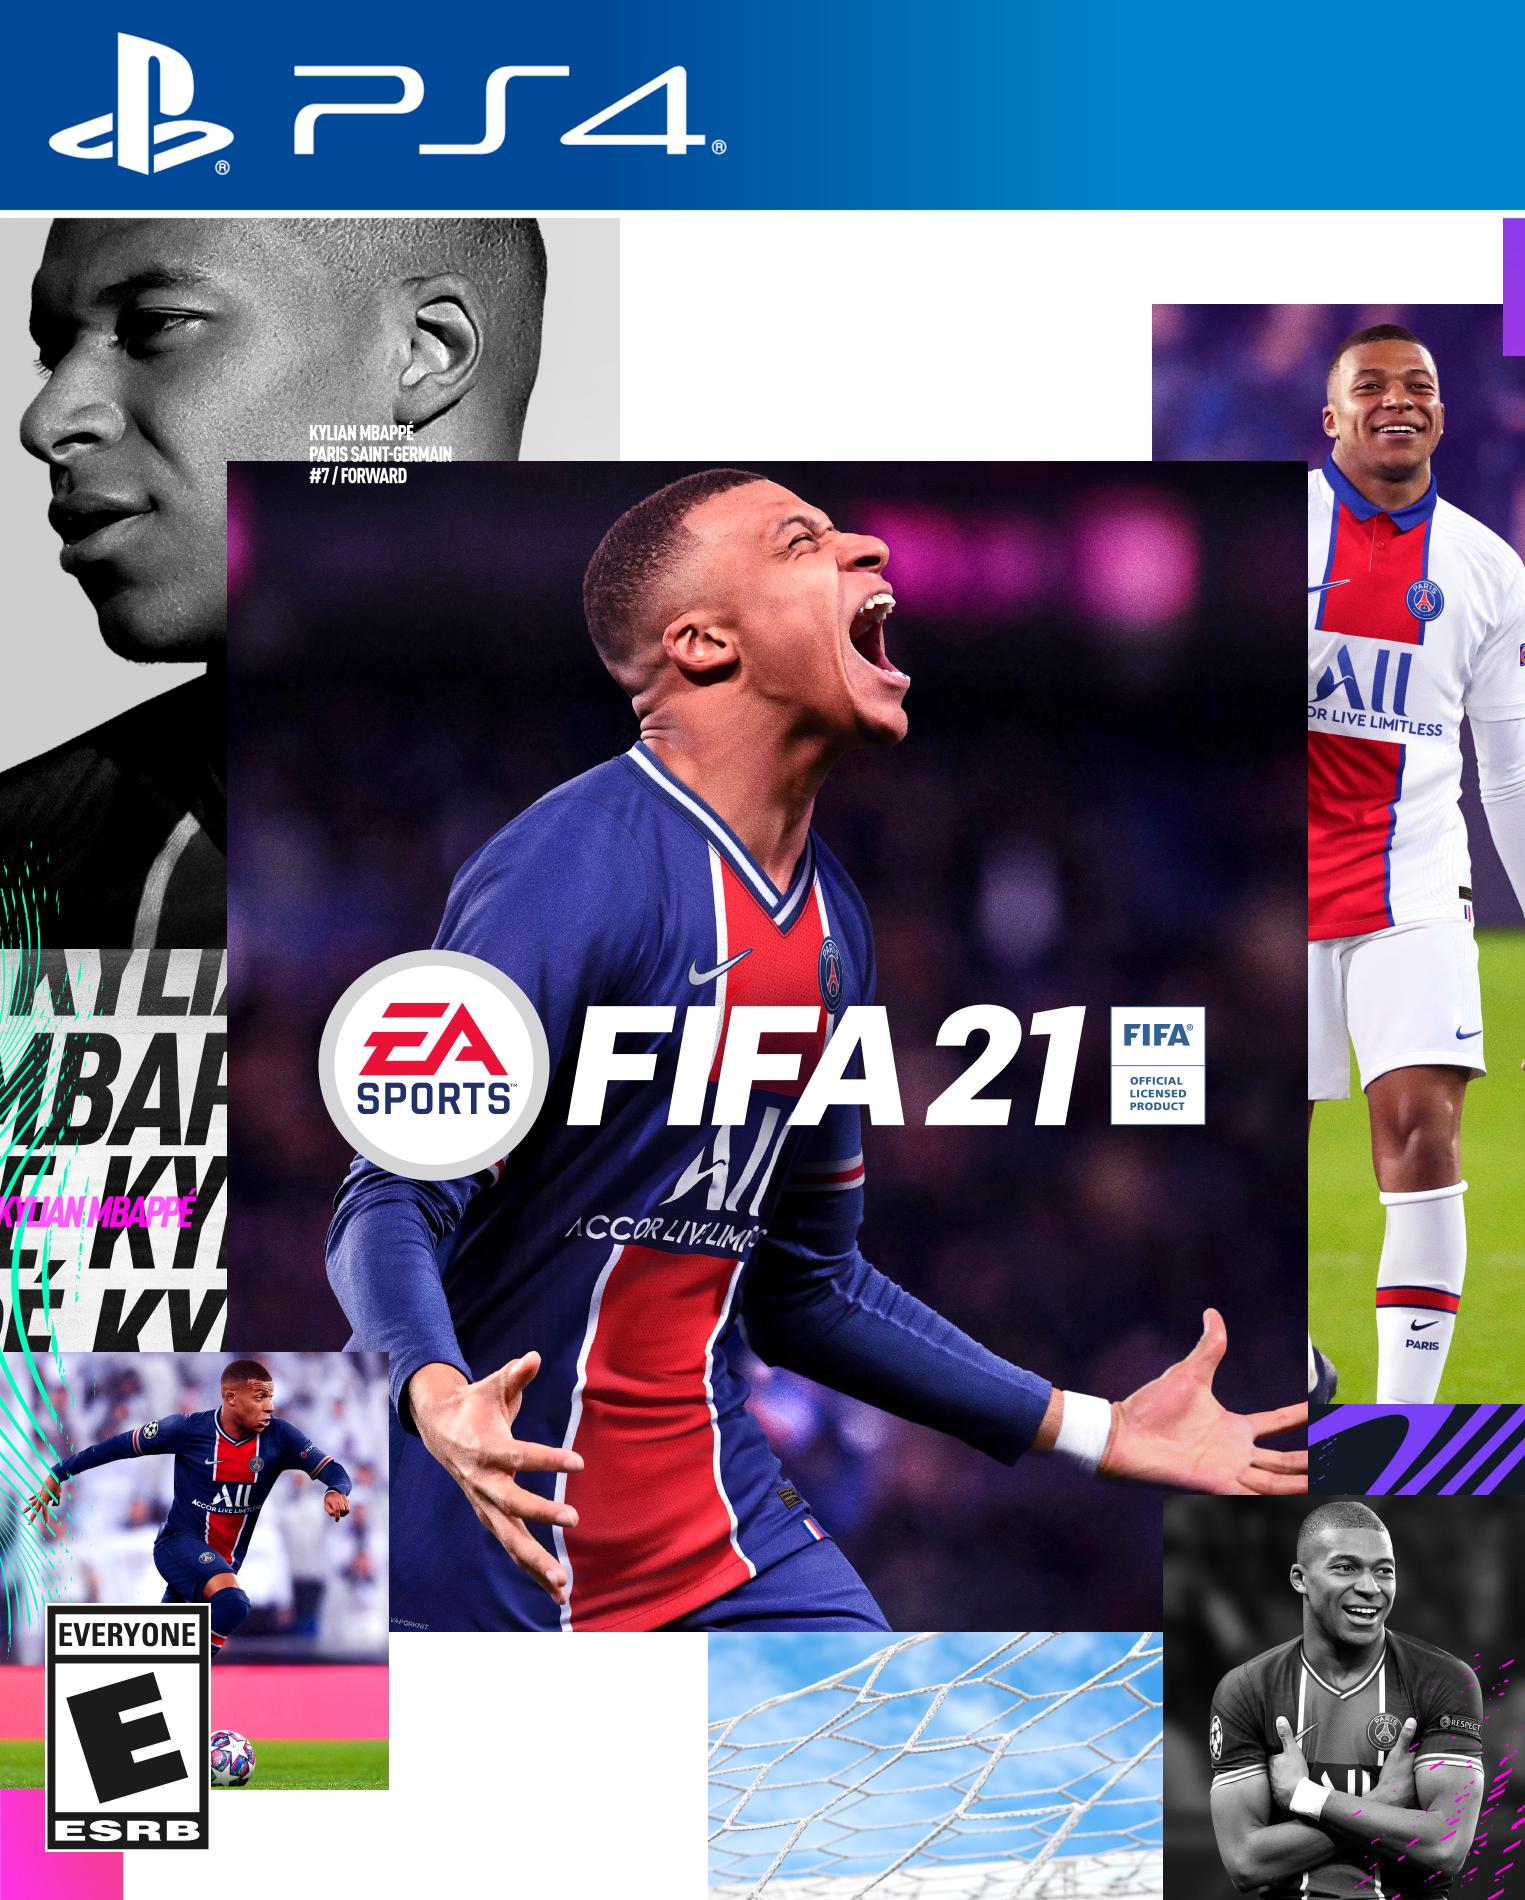 PSG : Kylian Mbappé sur la jaquette de FIFA21